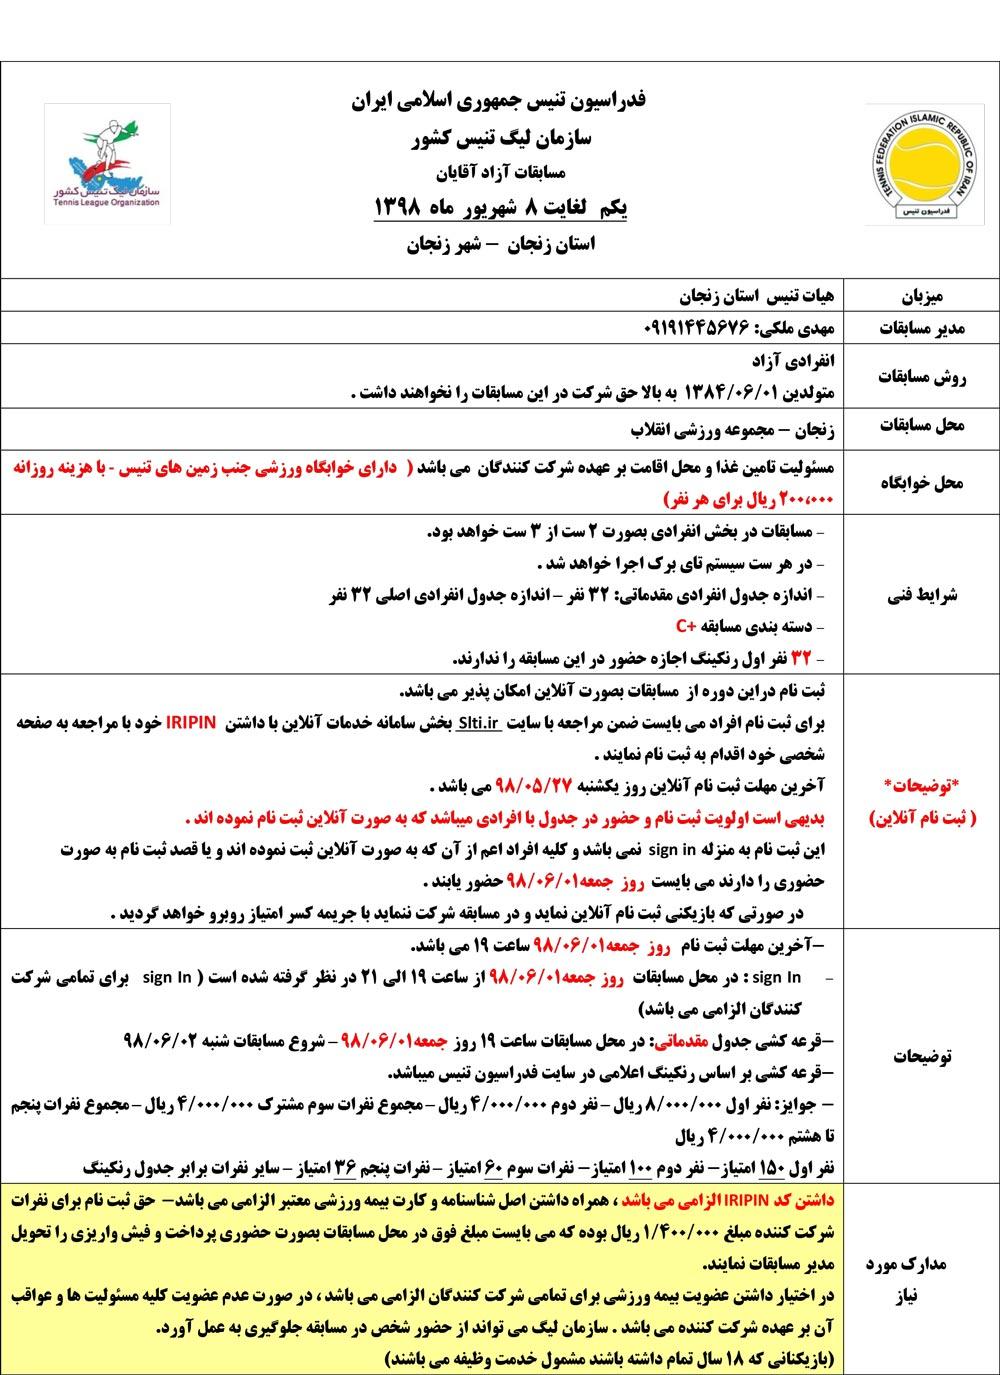 مسابقات تنیس آزاد اقایان استان زنجان